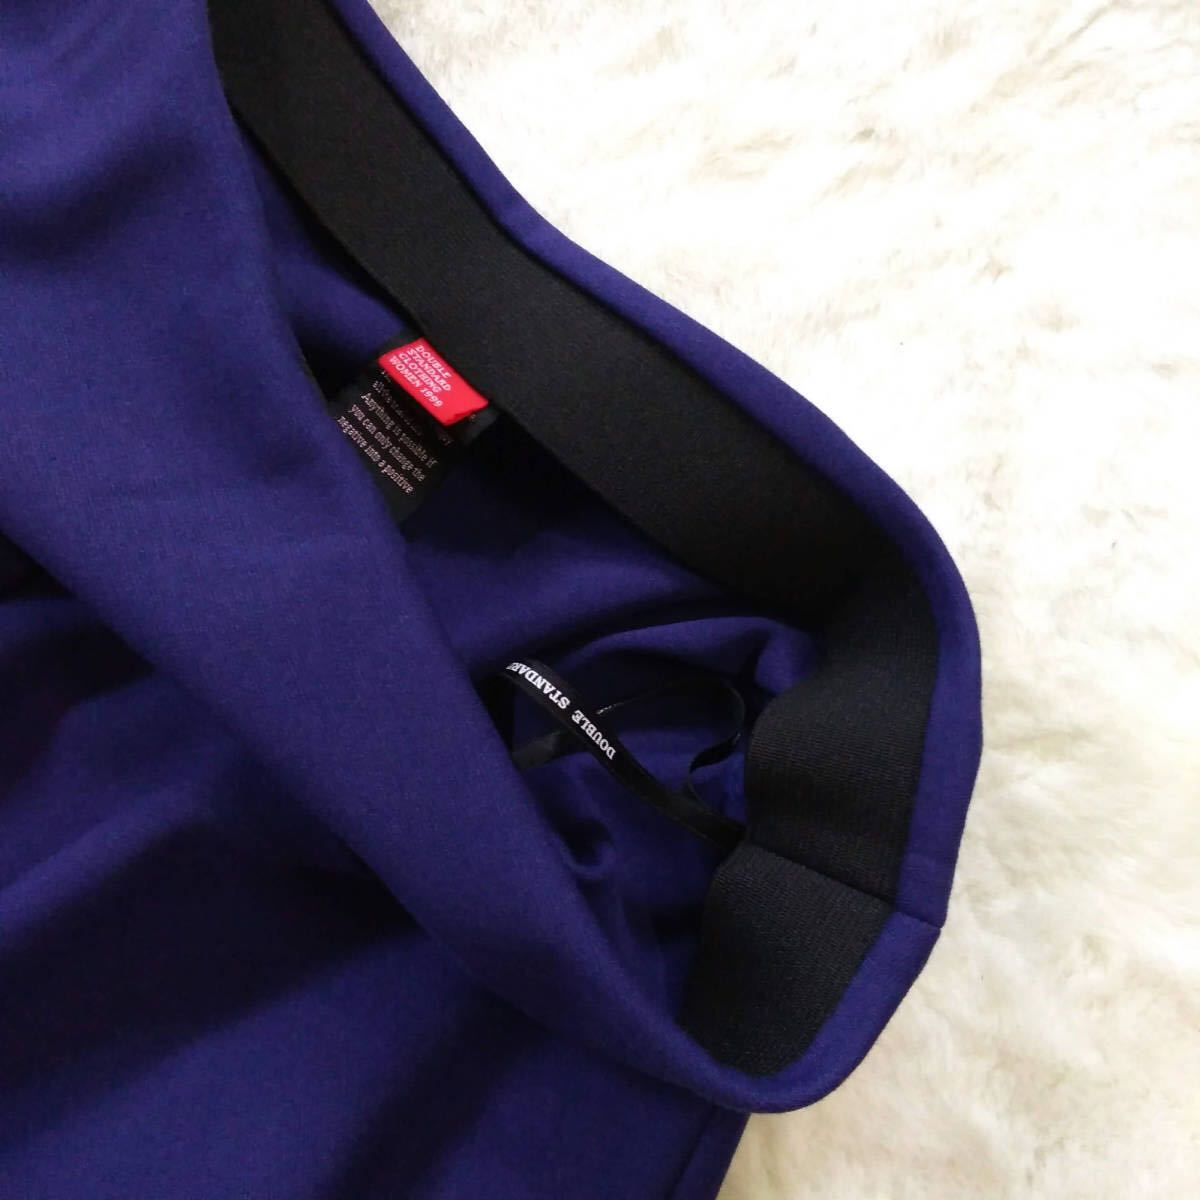 ダブルスタンダードクロージング ポンチスカート ロイヤルブルー パープルネイビー 膝丈 ゴムウエスト DOUBLE STANDARD CLOTHING_画像3